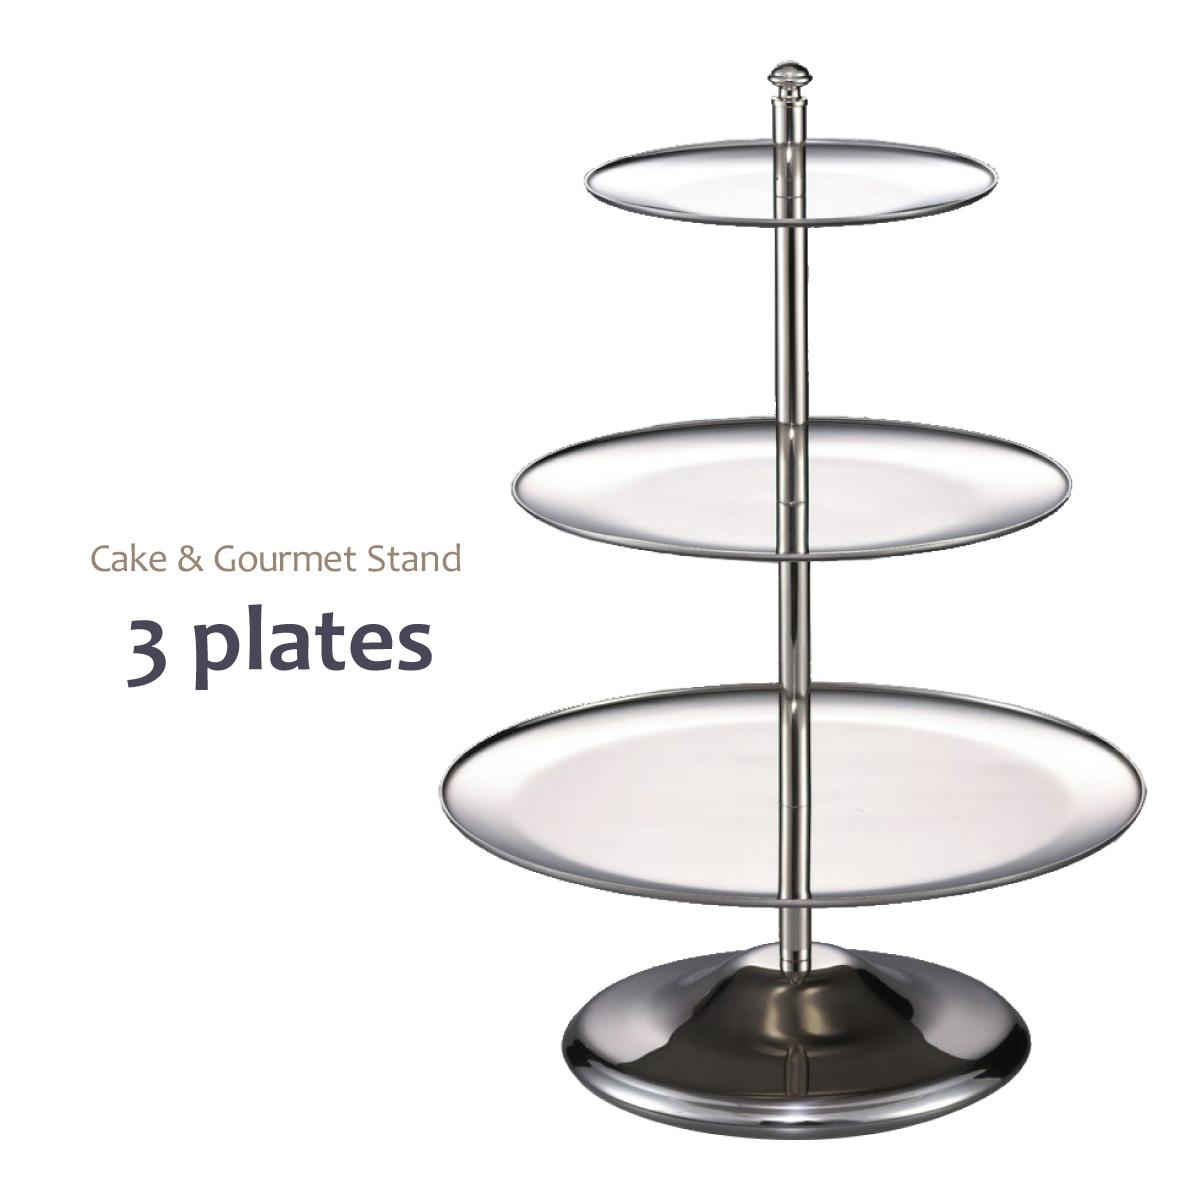 【送料無料】ケーキスタンド ケーキ台 3段【高級ステンレス使用】高さ:34cm